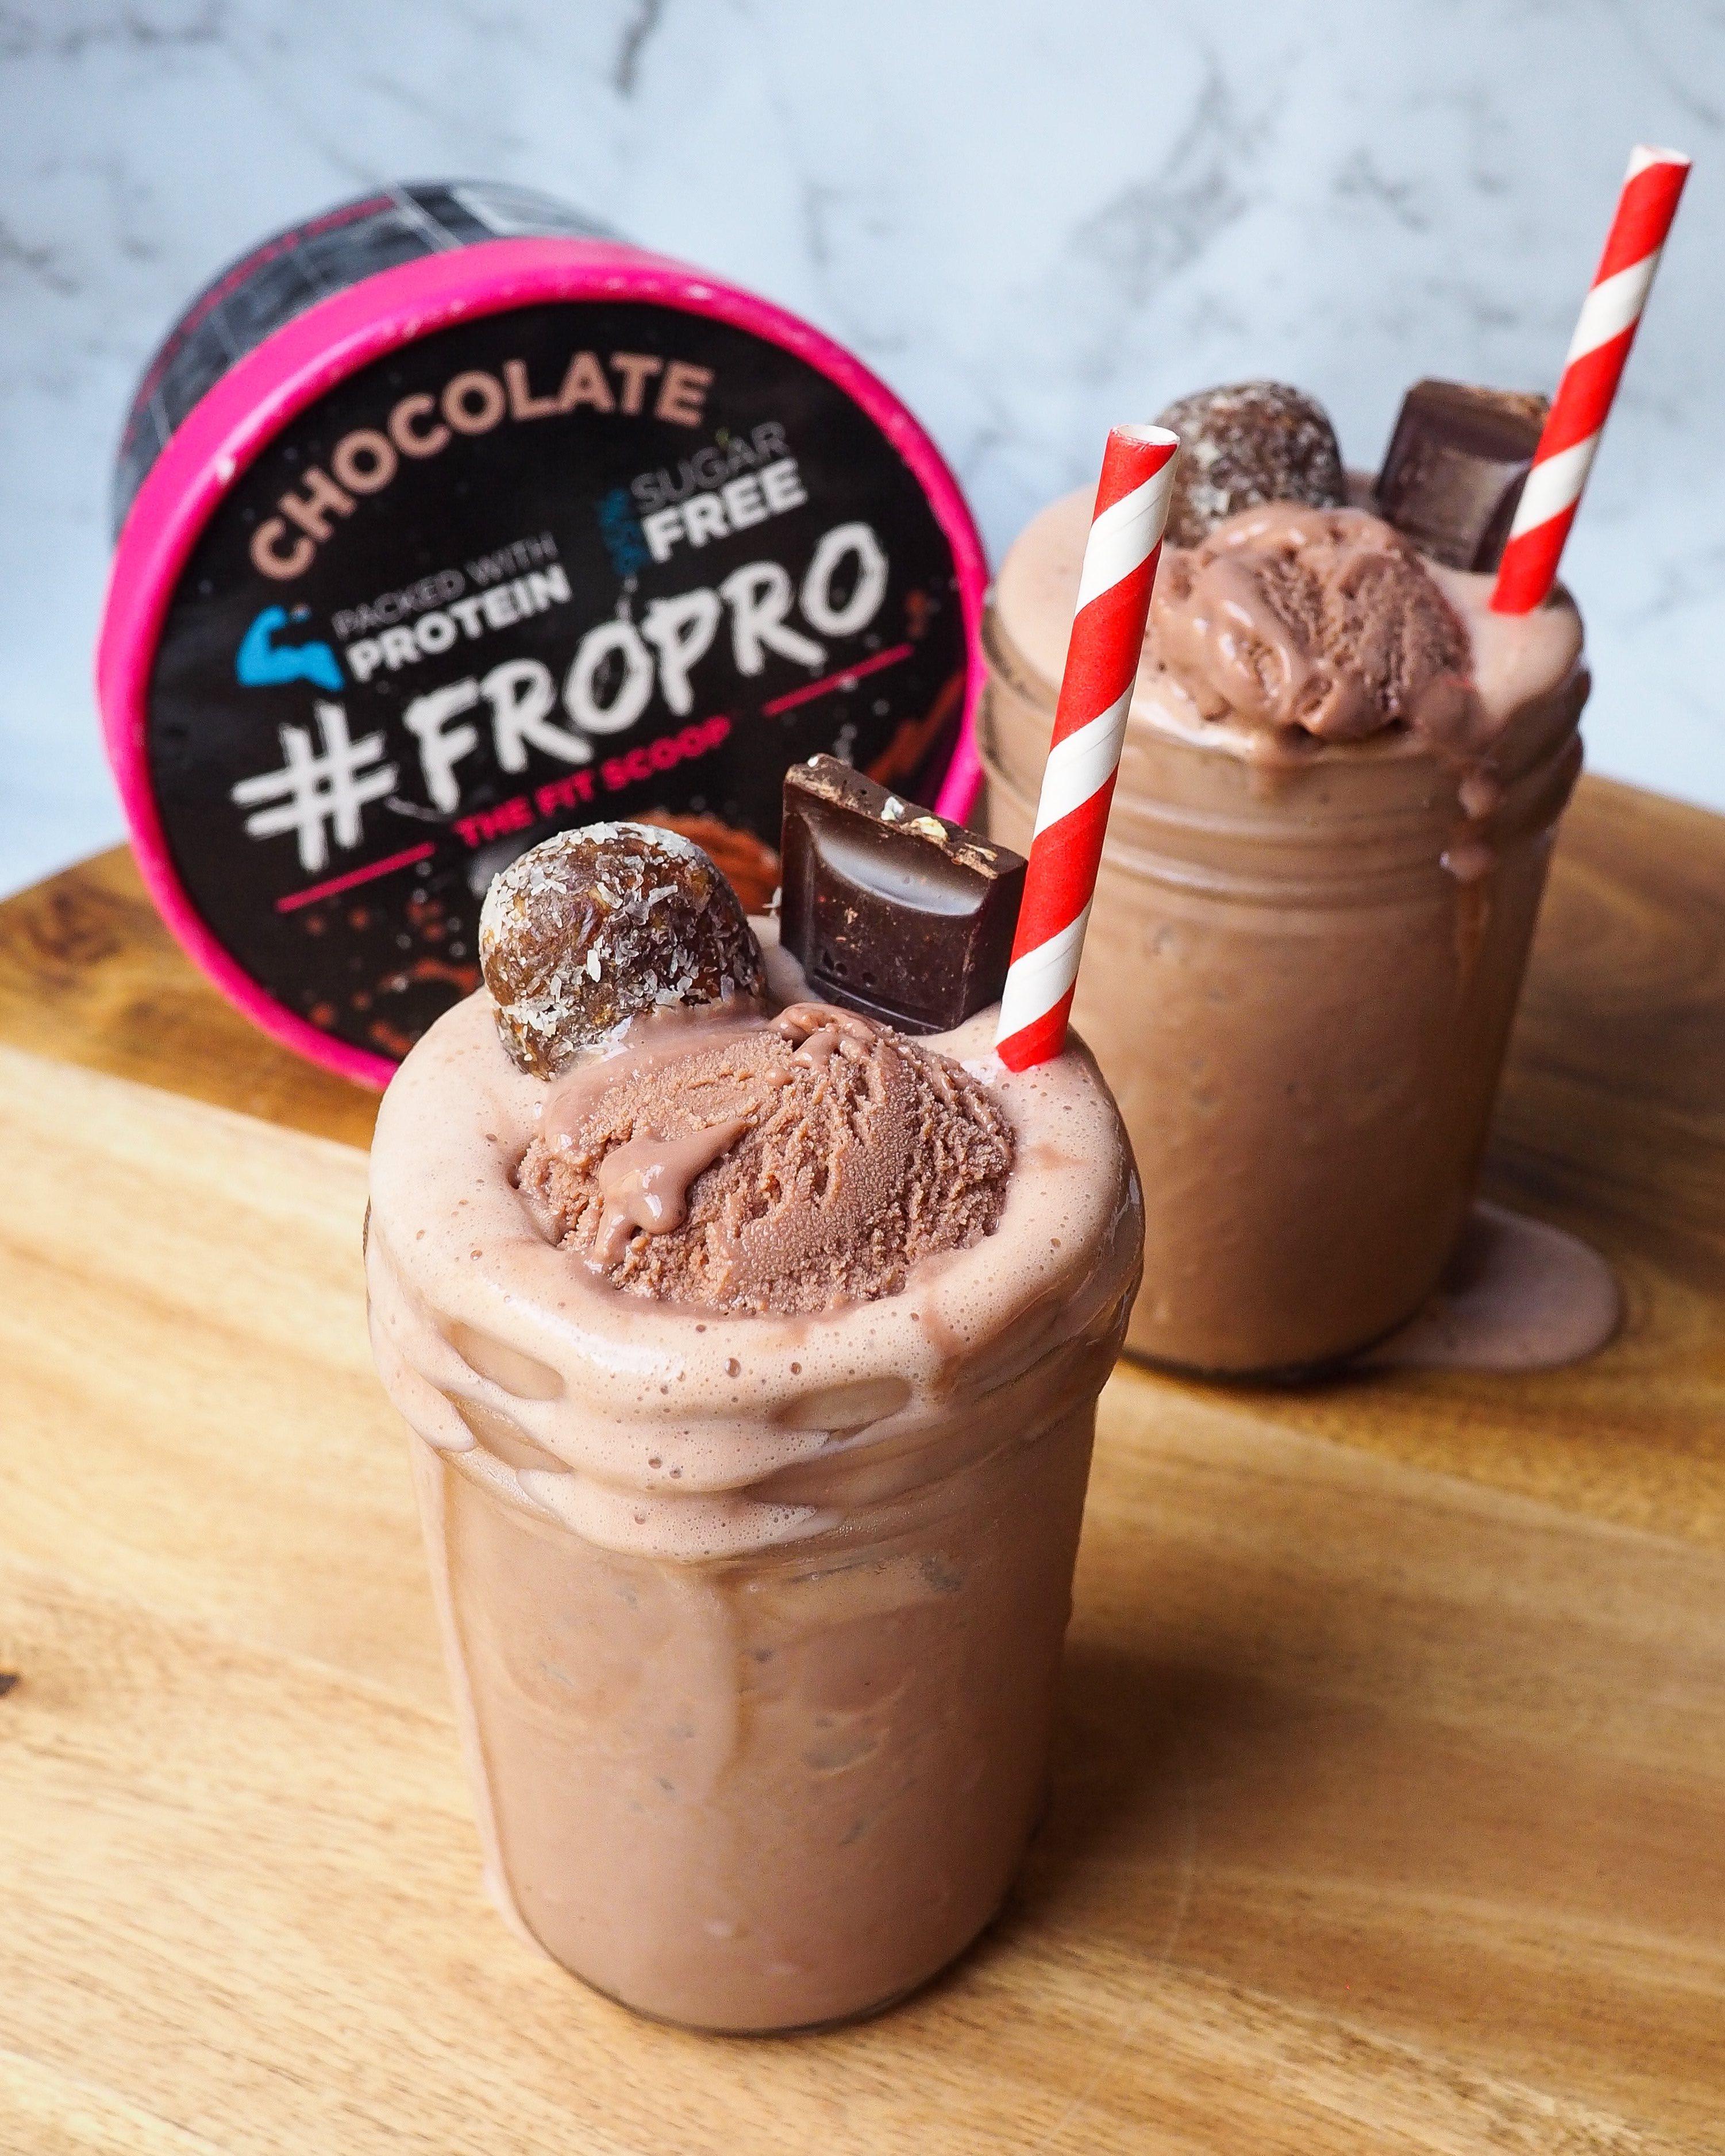 Chocolate FROPRO Milkshake